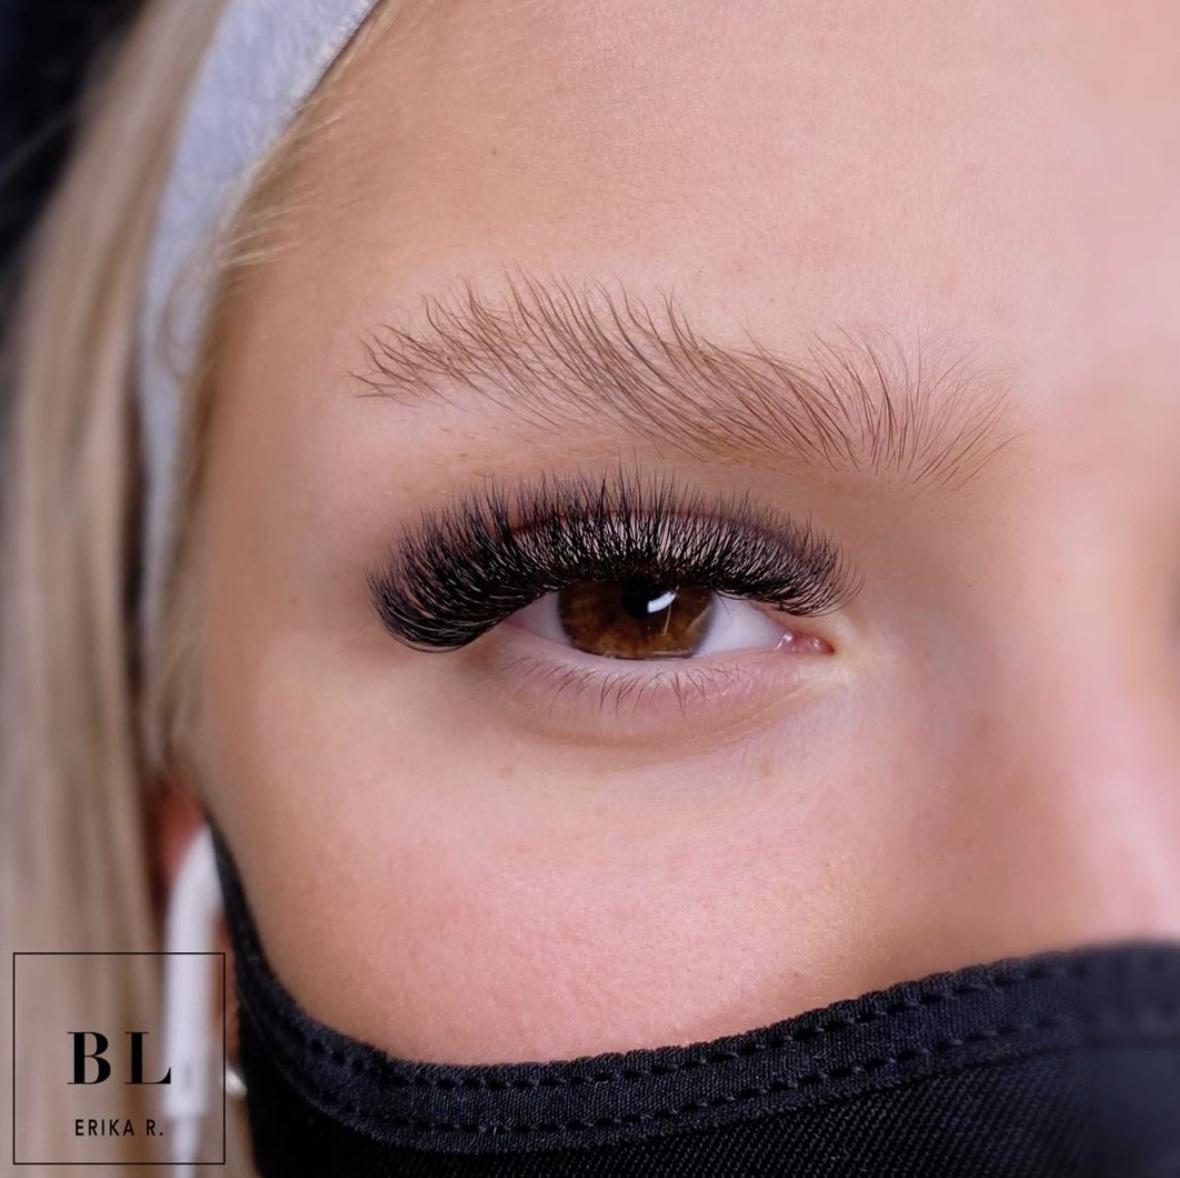 Ripsipidennykset saavat monesti ruskeat silmät näyttämään vieläkin tummemmilta napeilta.